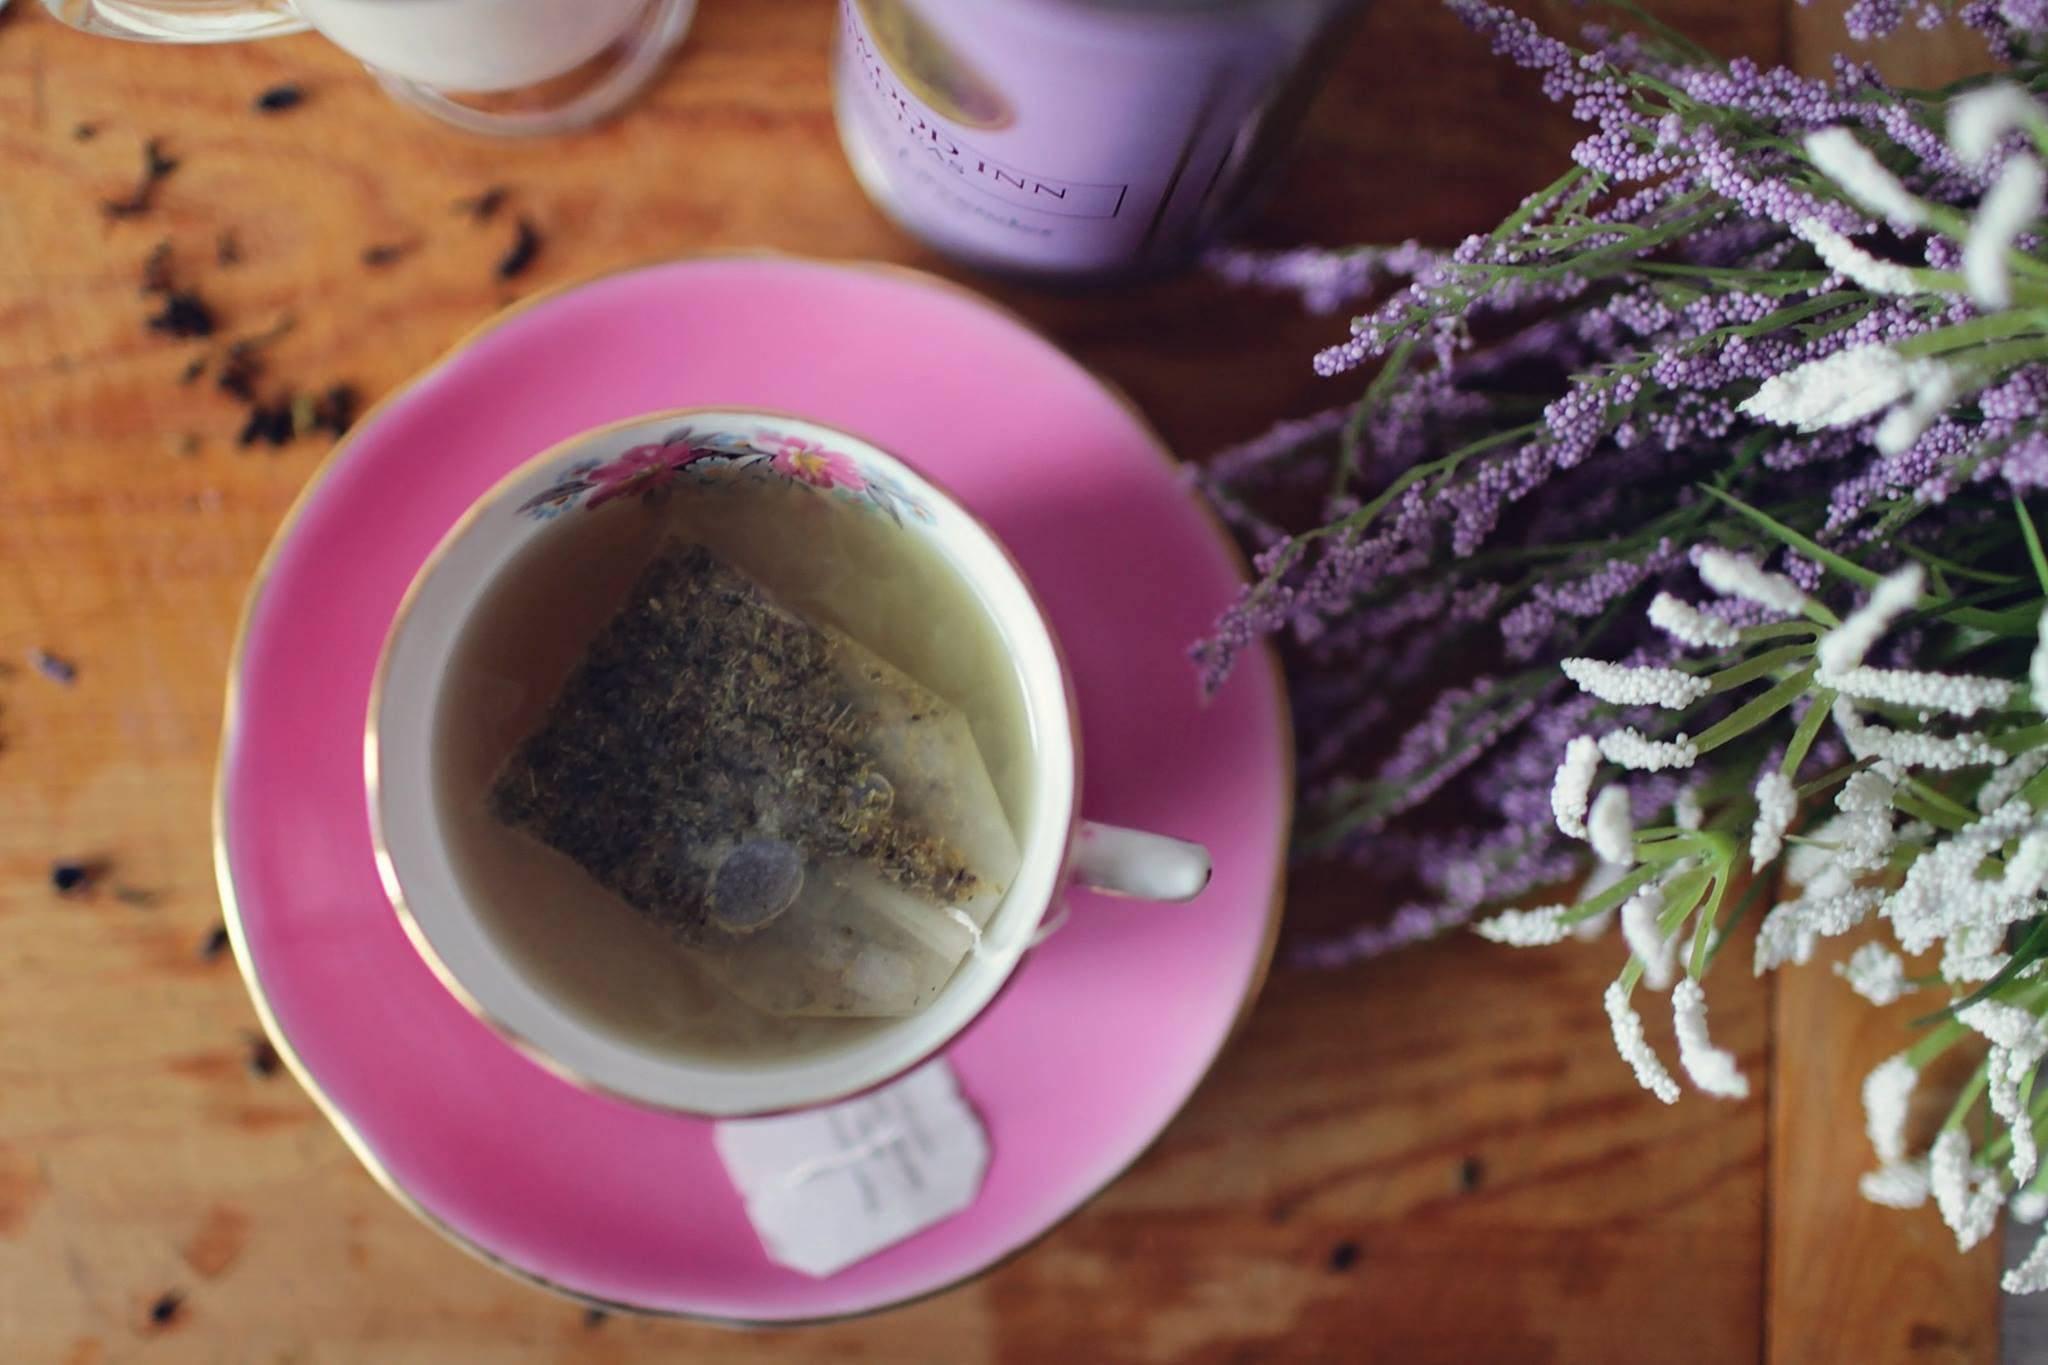 Чай с лавандой: кому польза, кому вред